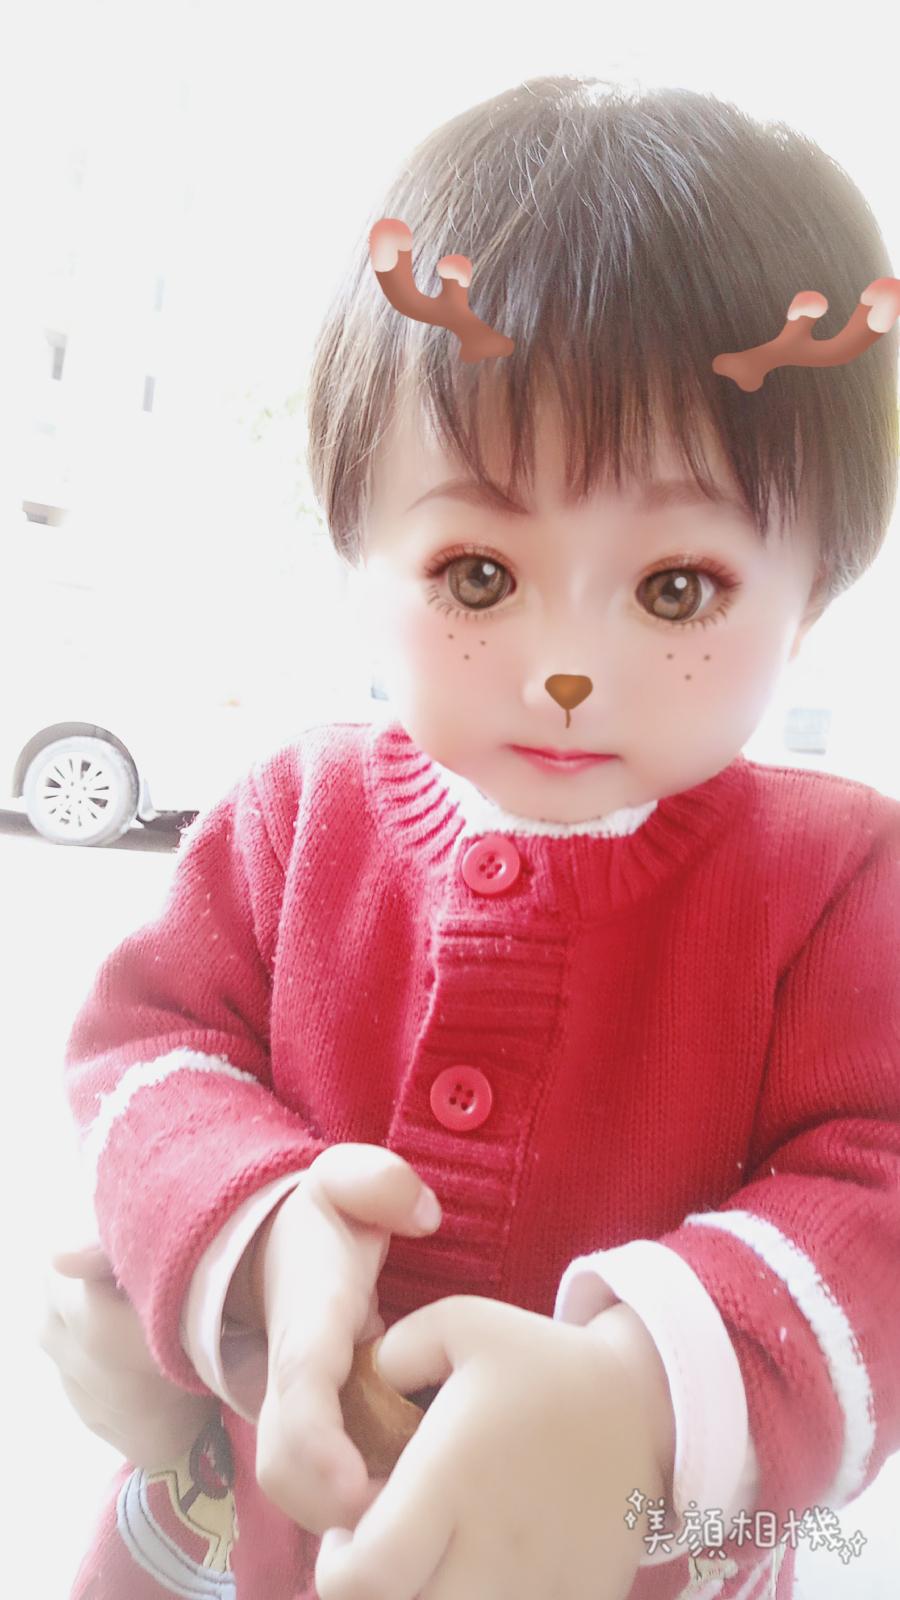 小可爱_帖子_oppo手机官方社区